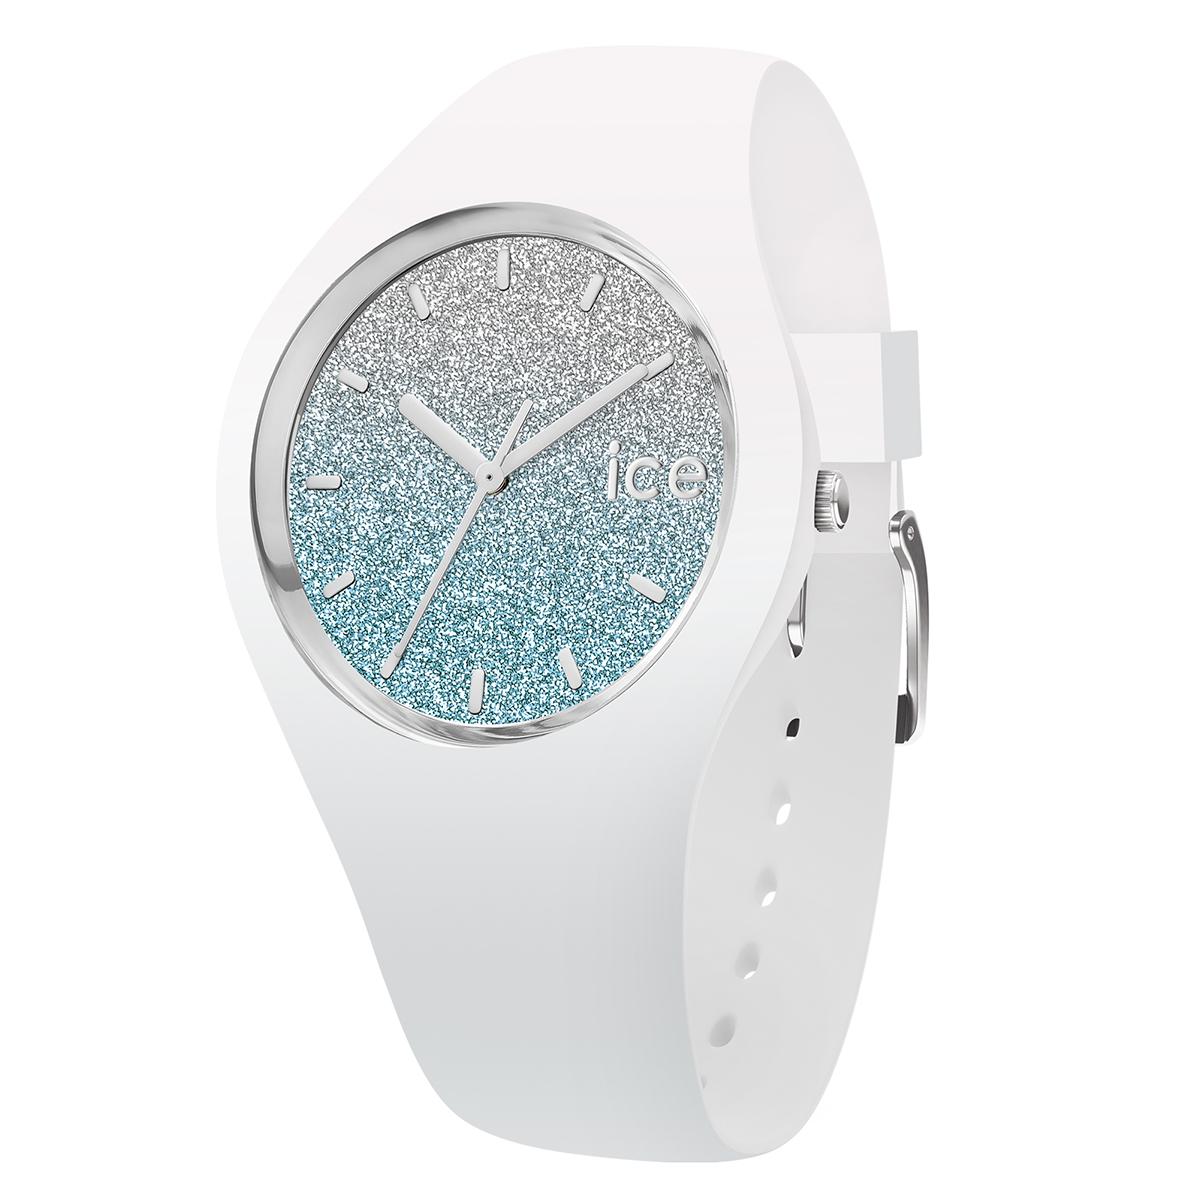 【全品送料無料】 アイスウォッチ ICE-WATCH アイス エルオー Ice Lo 013429 レディース 時計 腕時計 クオーツ